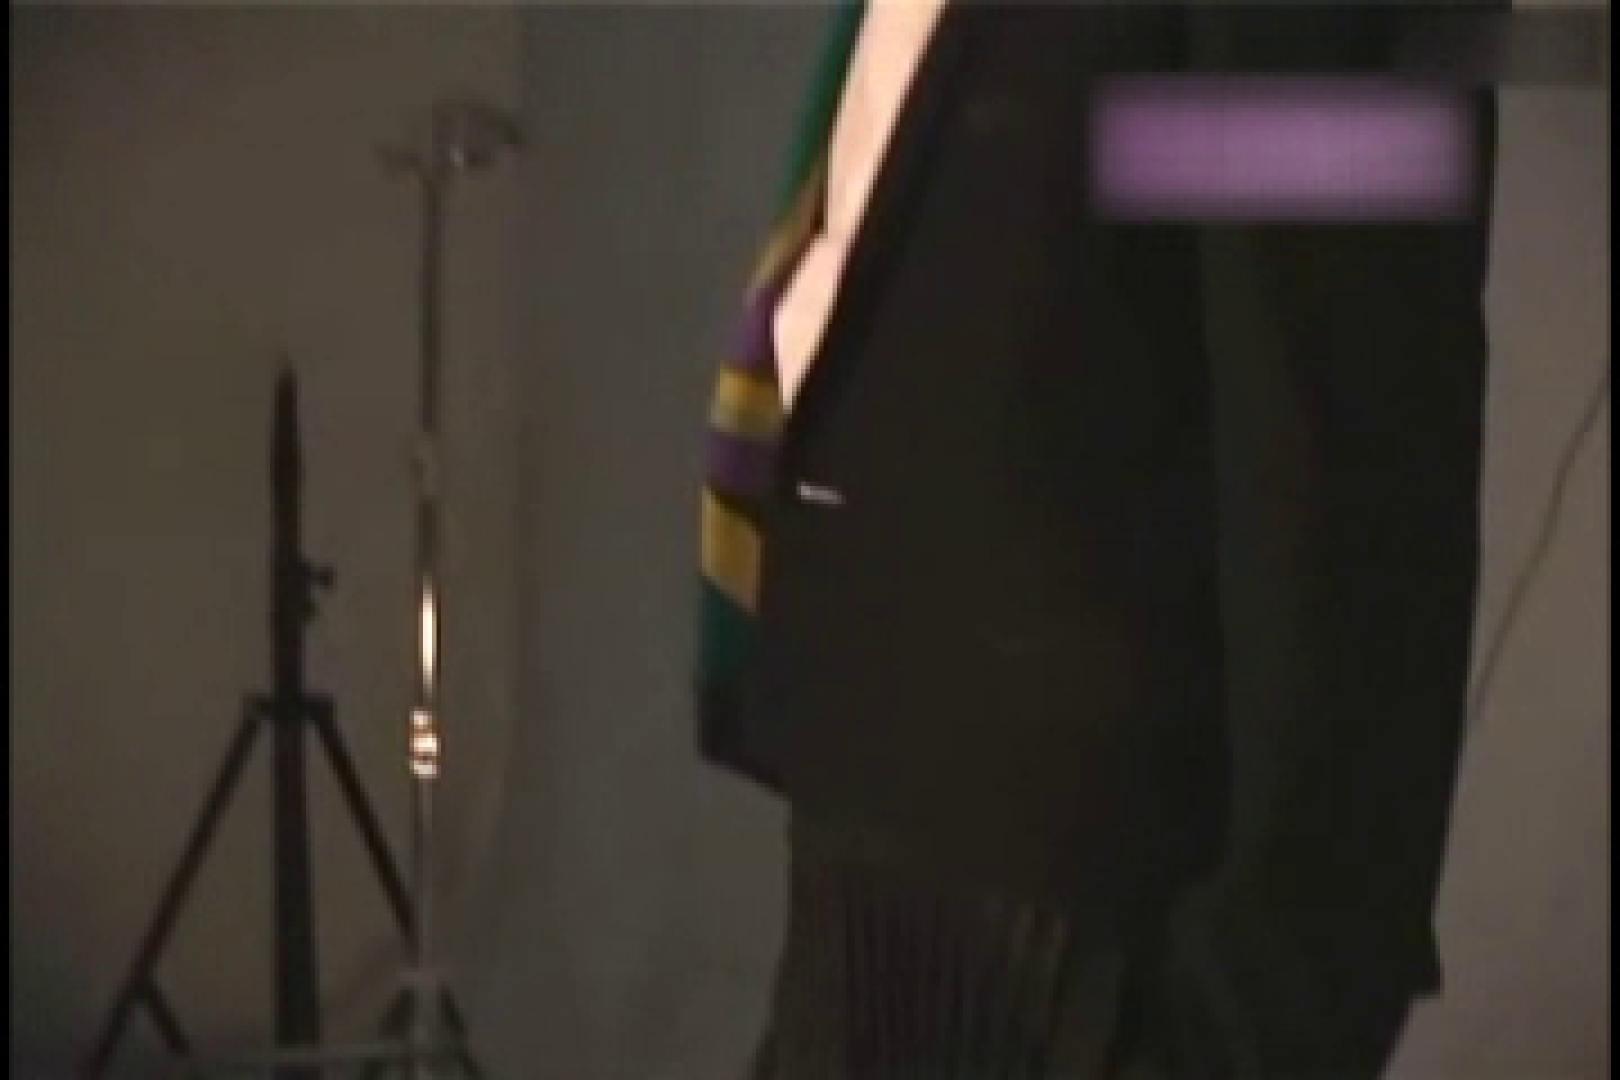 中出有名ゲイ雑誌★魅力●生★付録DVD収録スーパーモデルヌードvol1 ゲイイメージ | モデル ゲイエロ画像 95pic 4